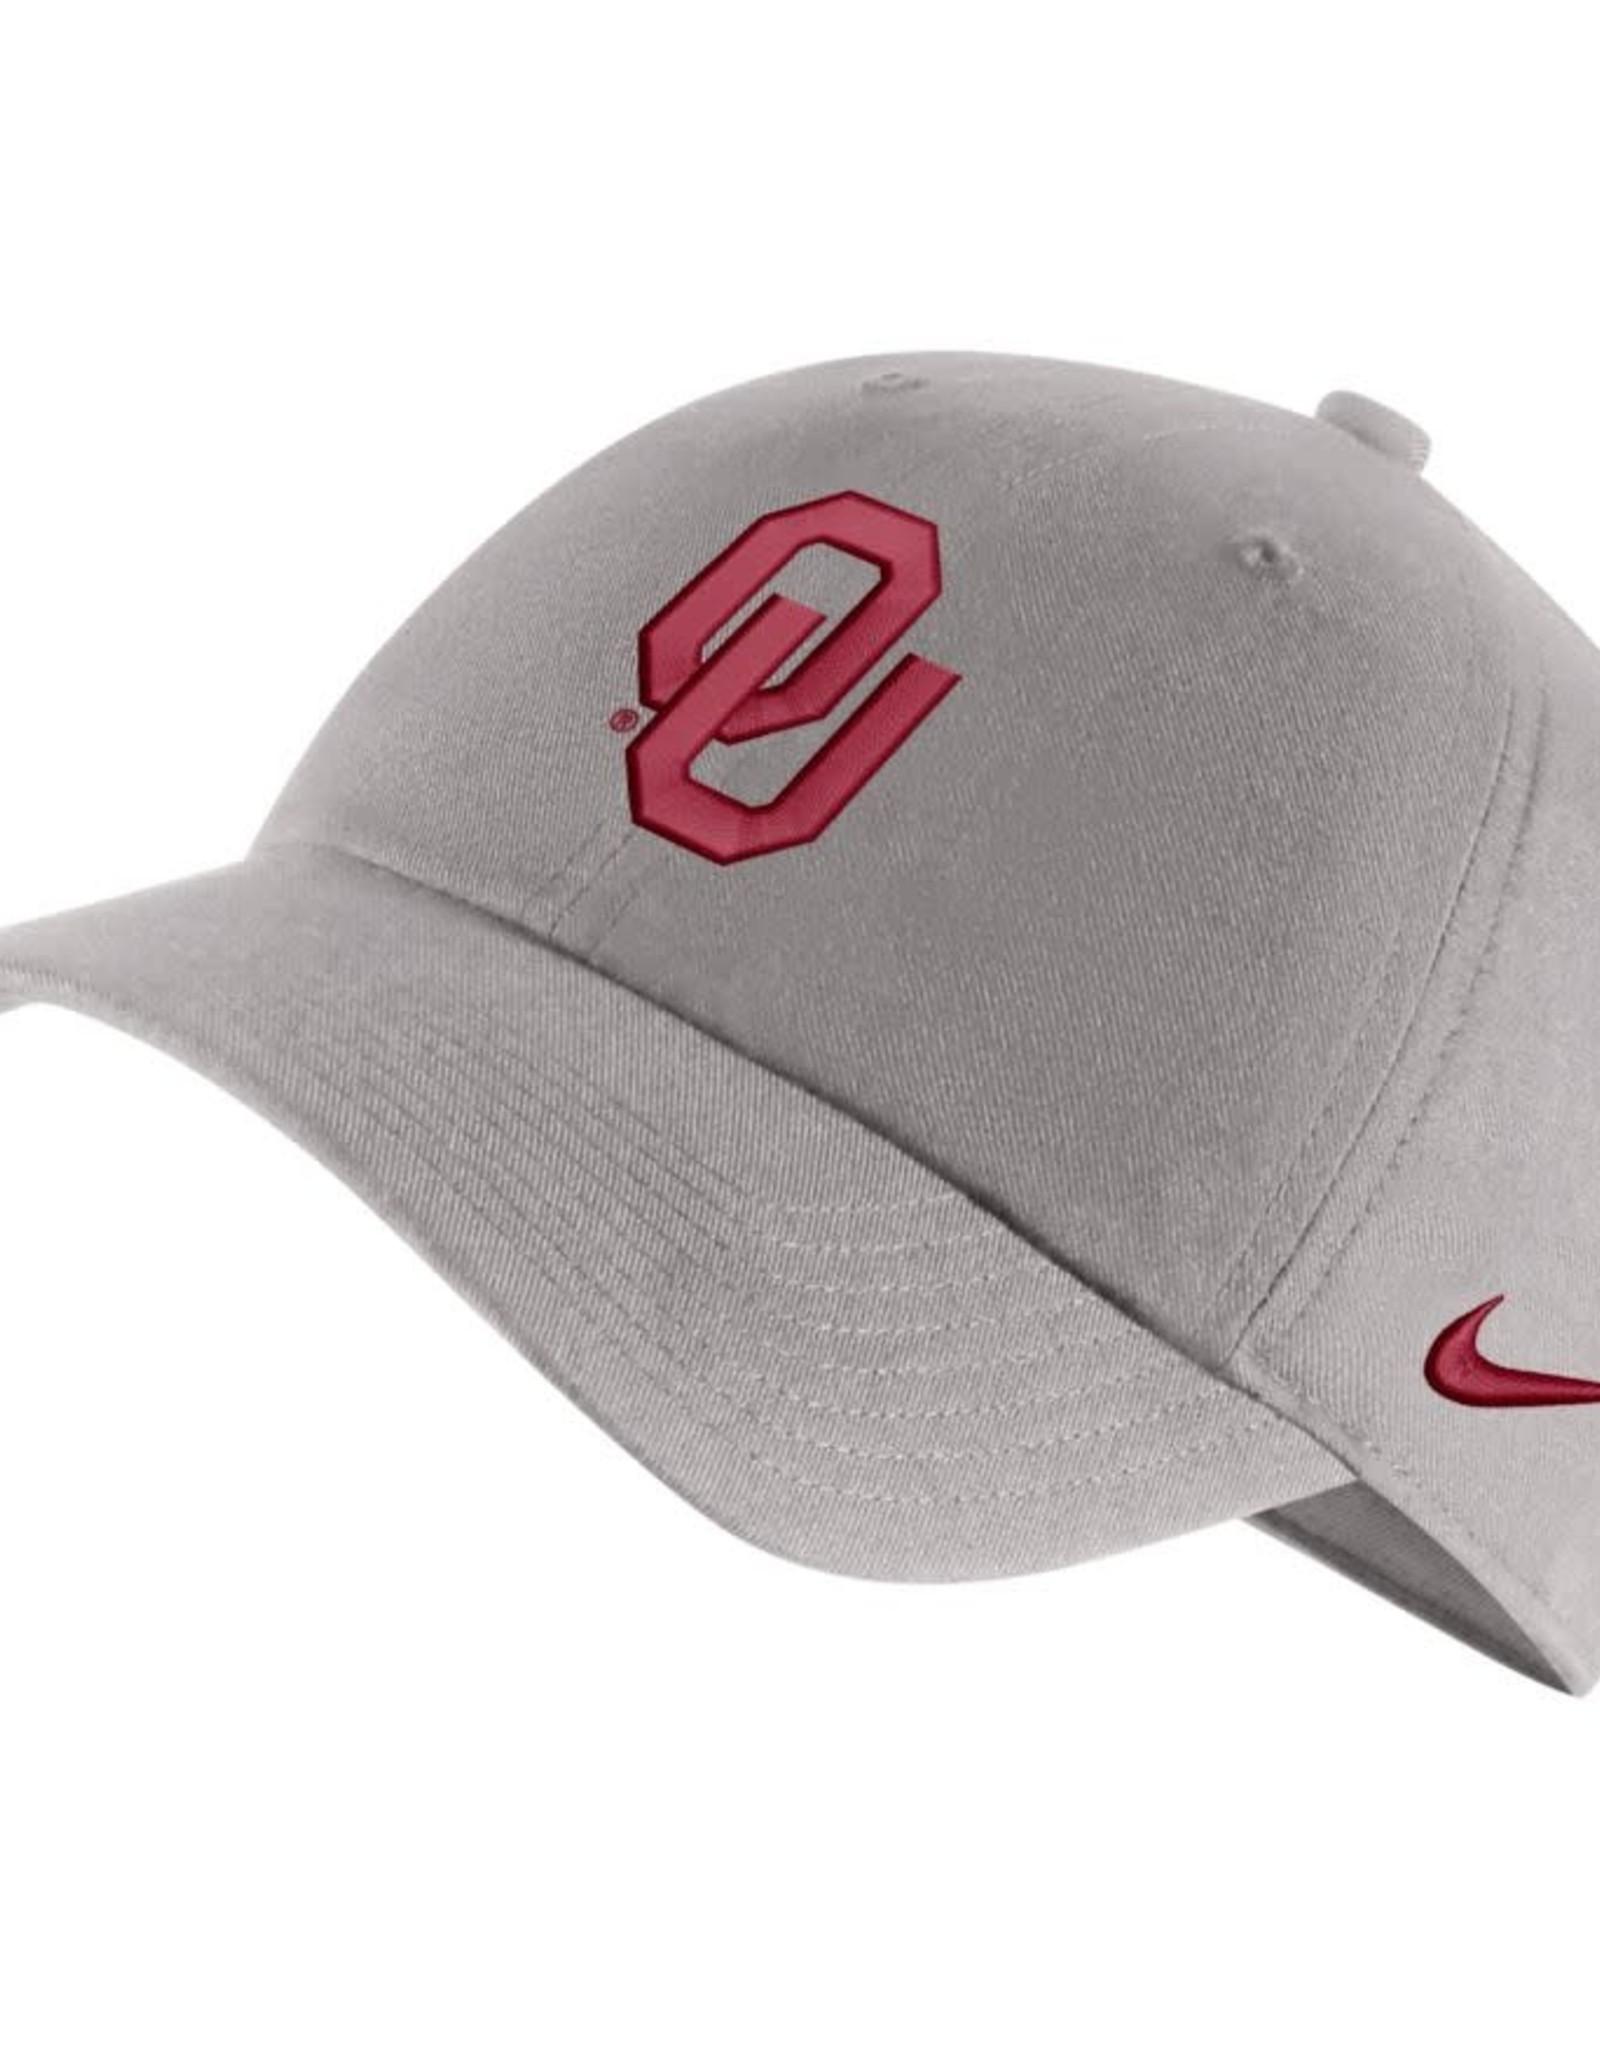 Nike Men's Nike H86 Pewter Gray OU Hat